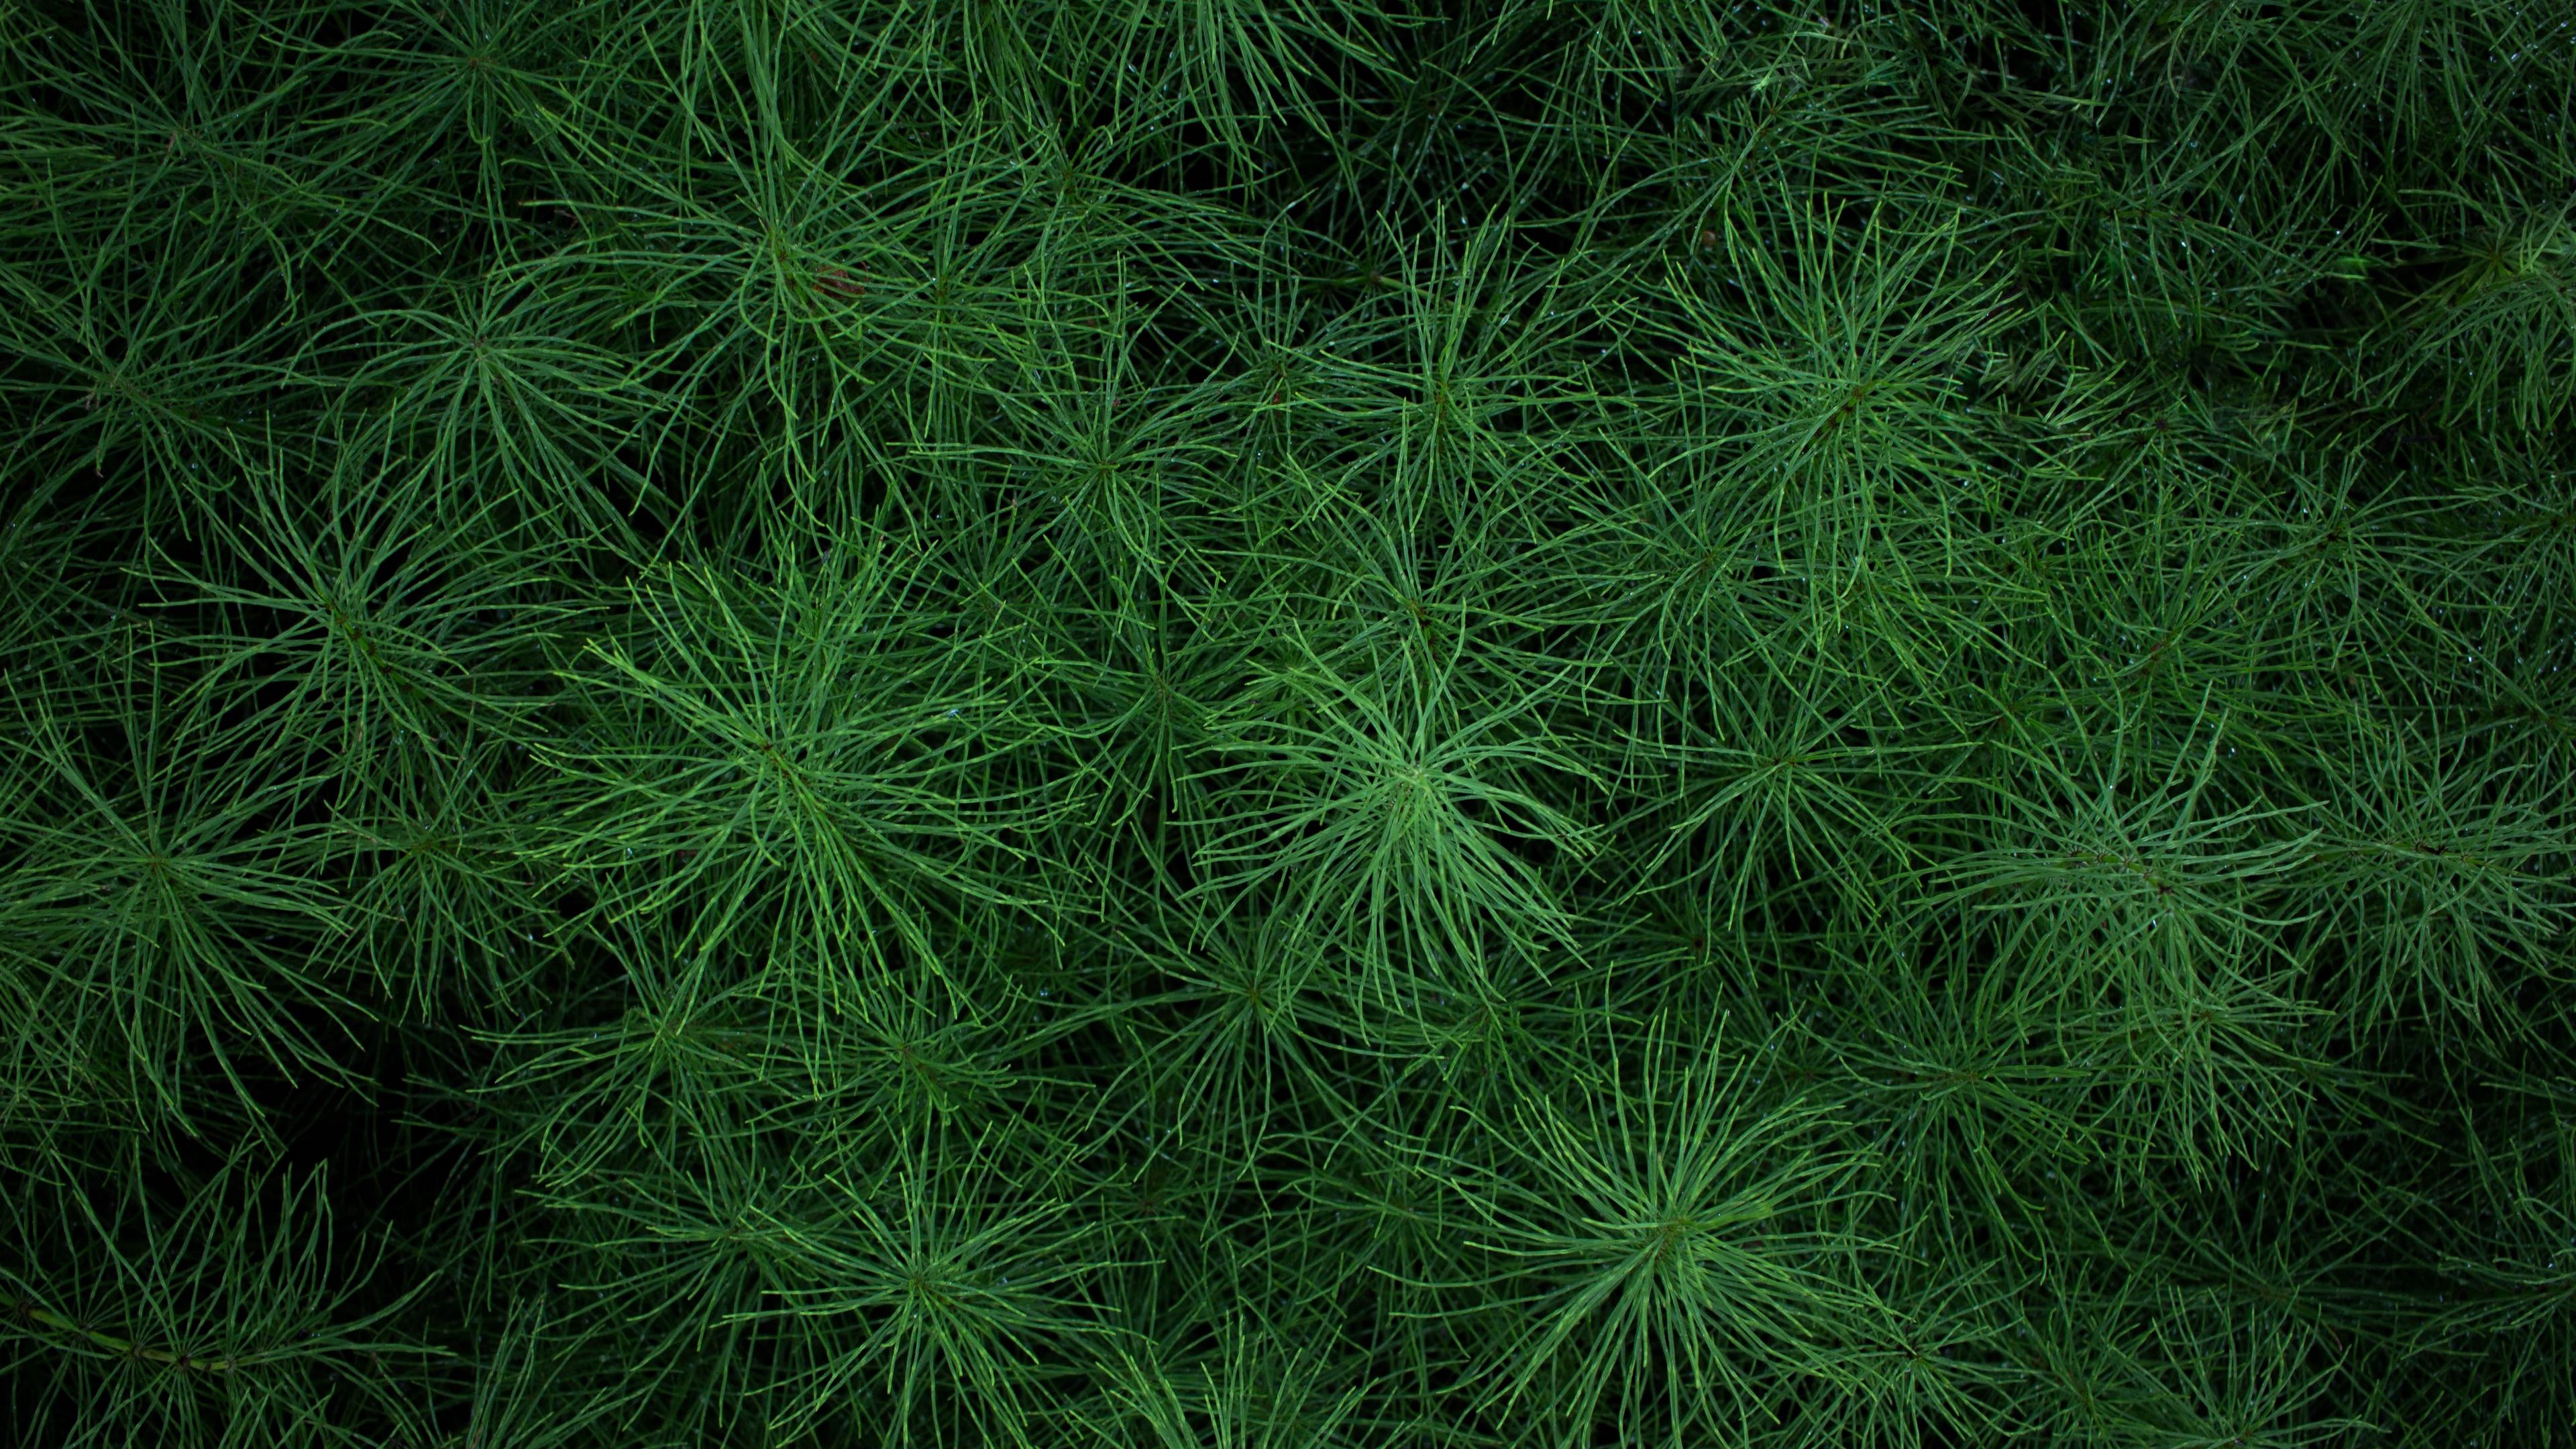 grass greens plant 4k 1541115027 - grass, greens, plant 4k - Plant, greens, Grass